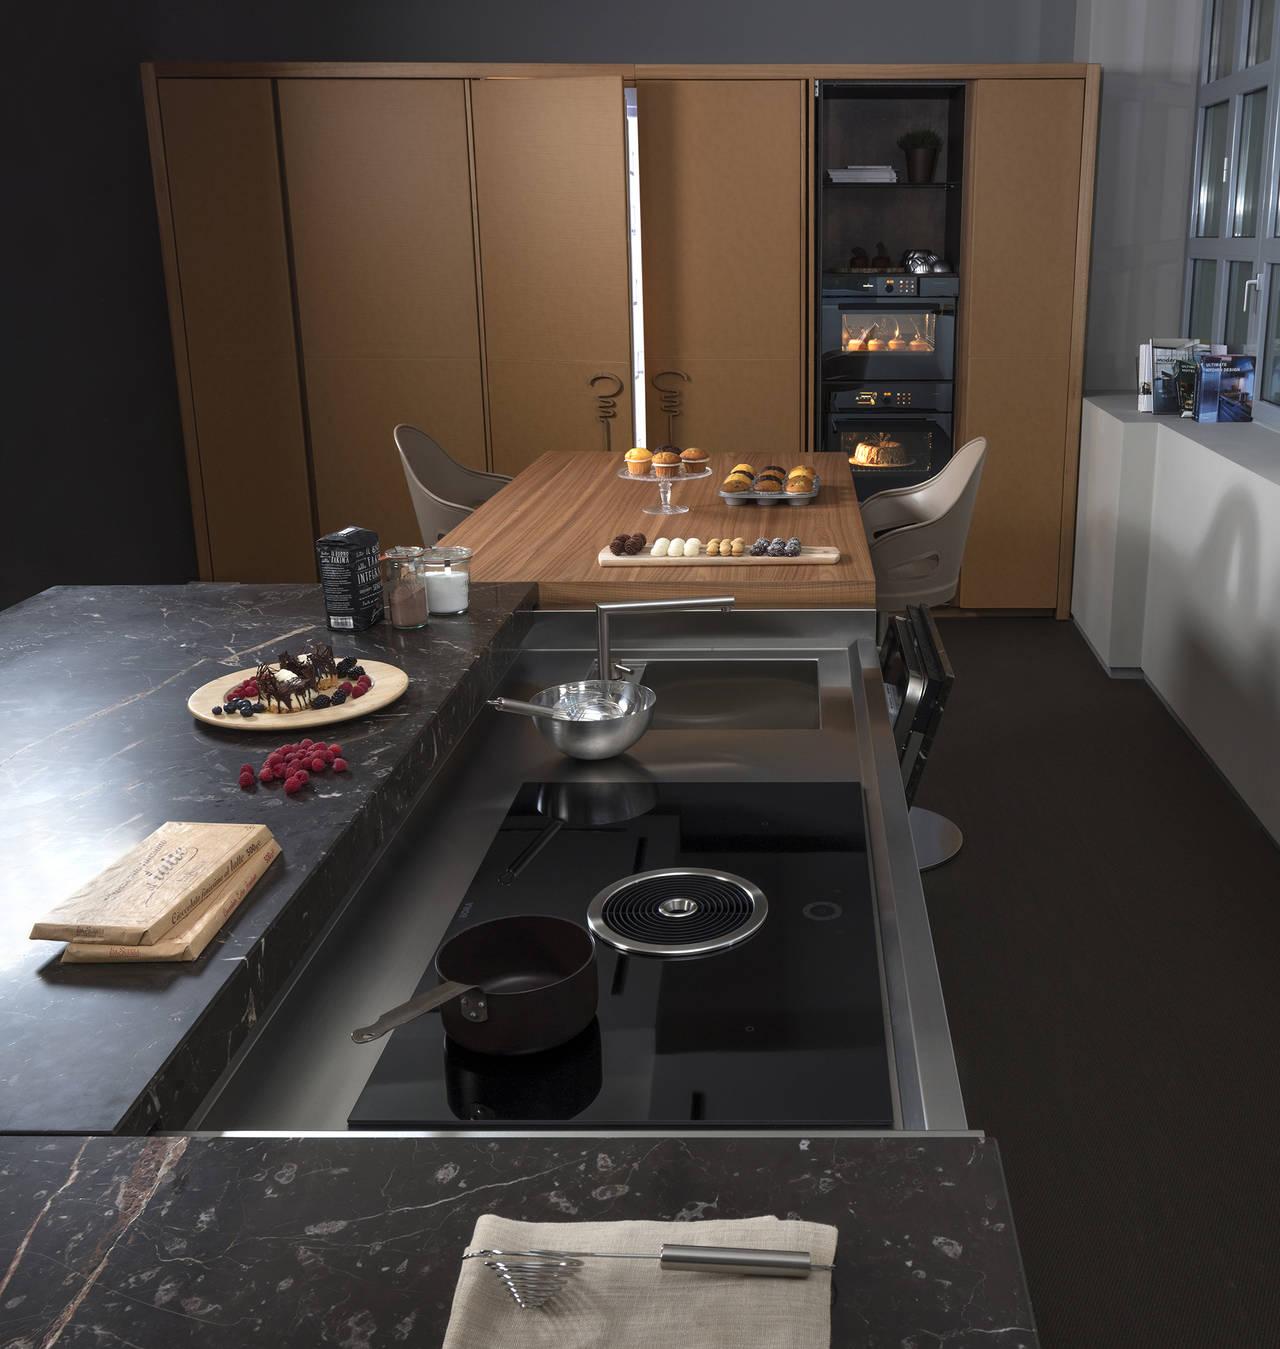 Toncelli sceglie gli elettrodomestici di frigo2000 ambiente cucina - Cucine toncelli ...